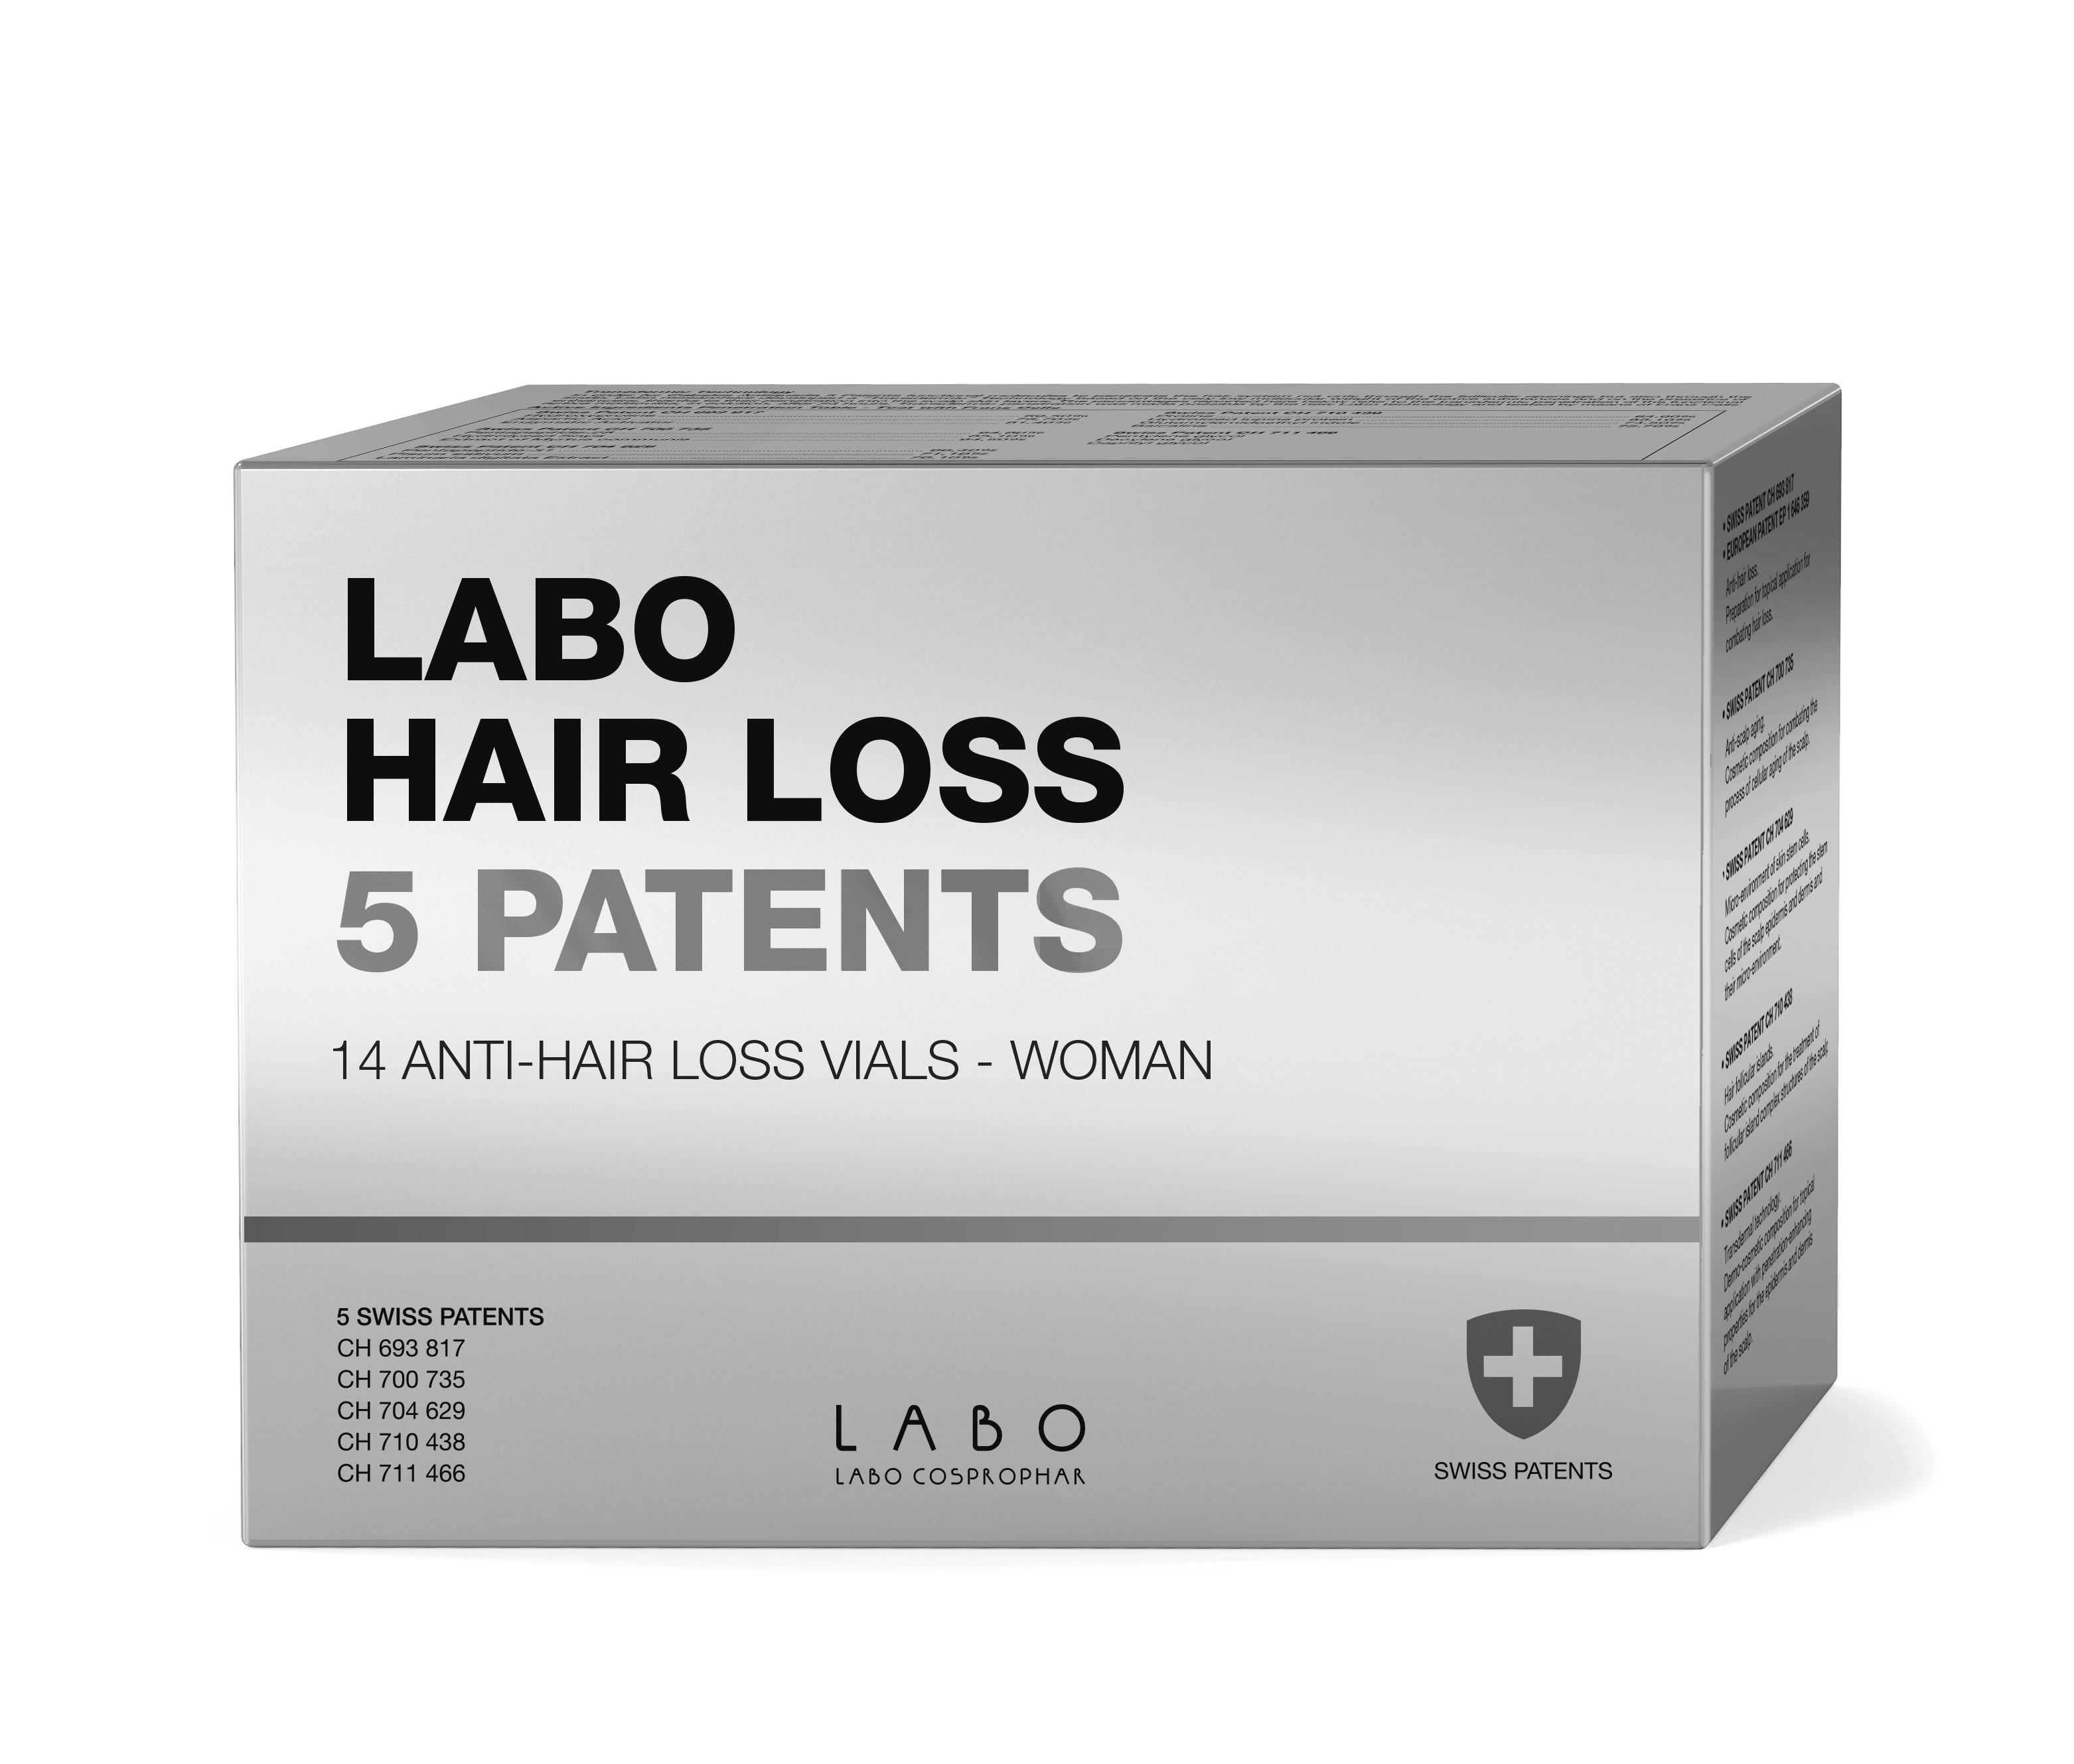 Labo Hair Loss 5 Patents Woman